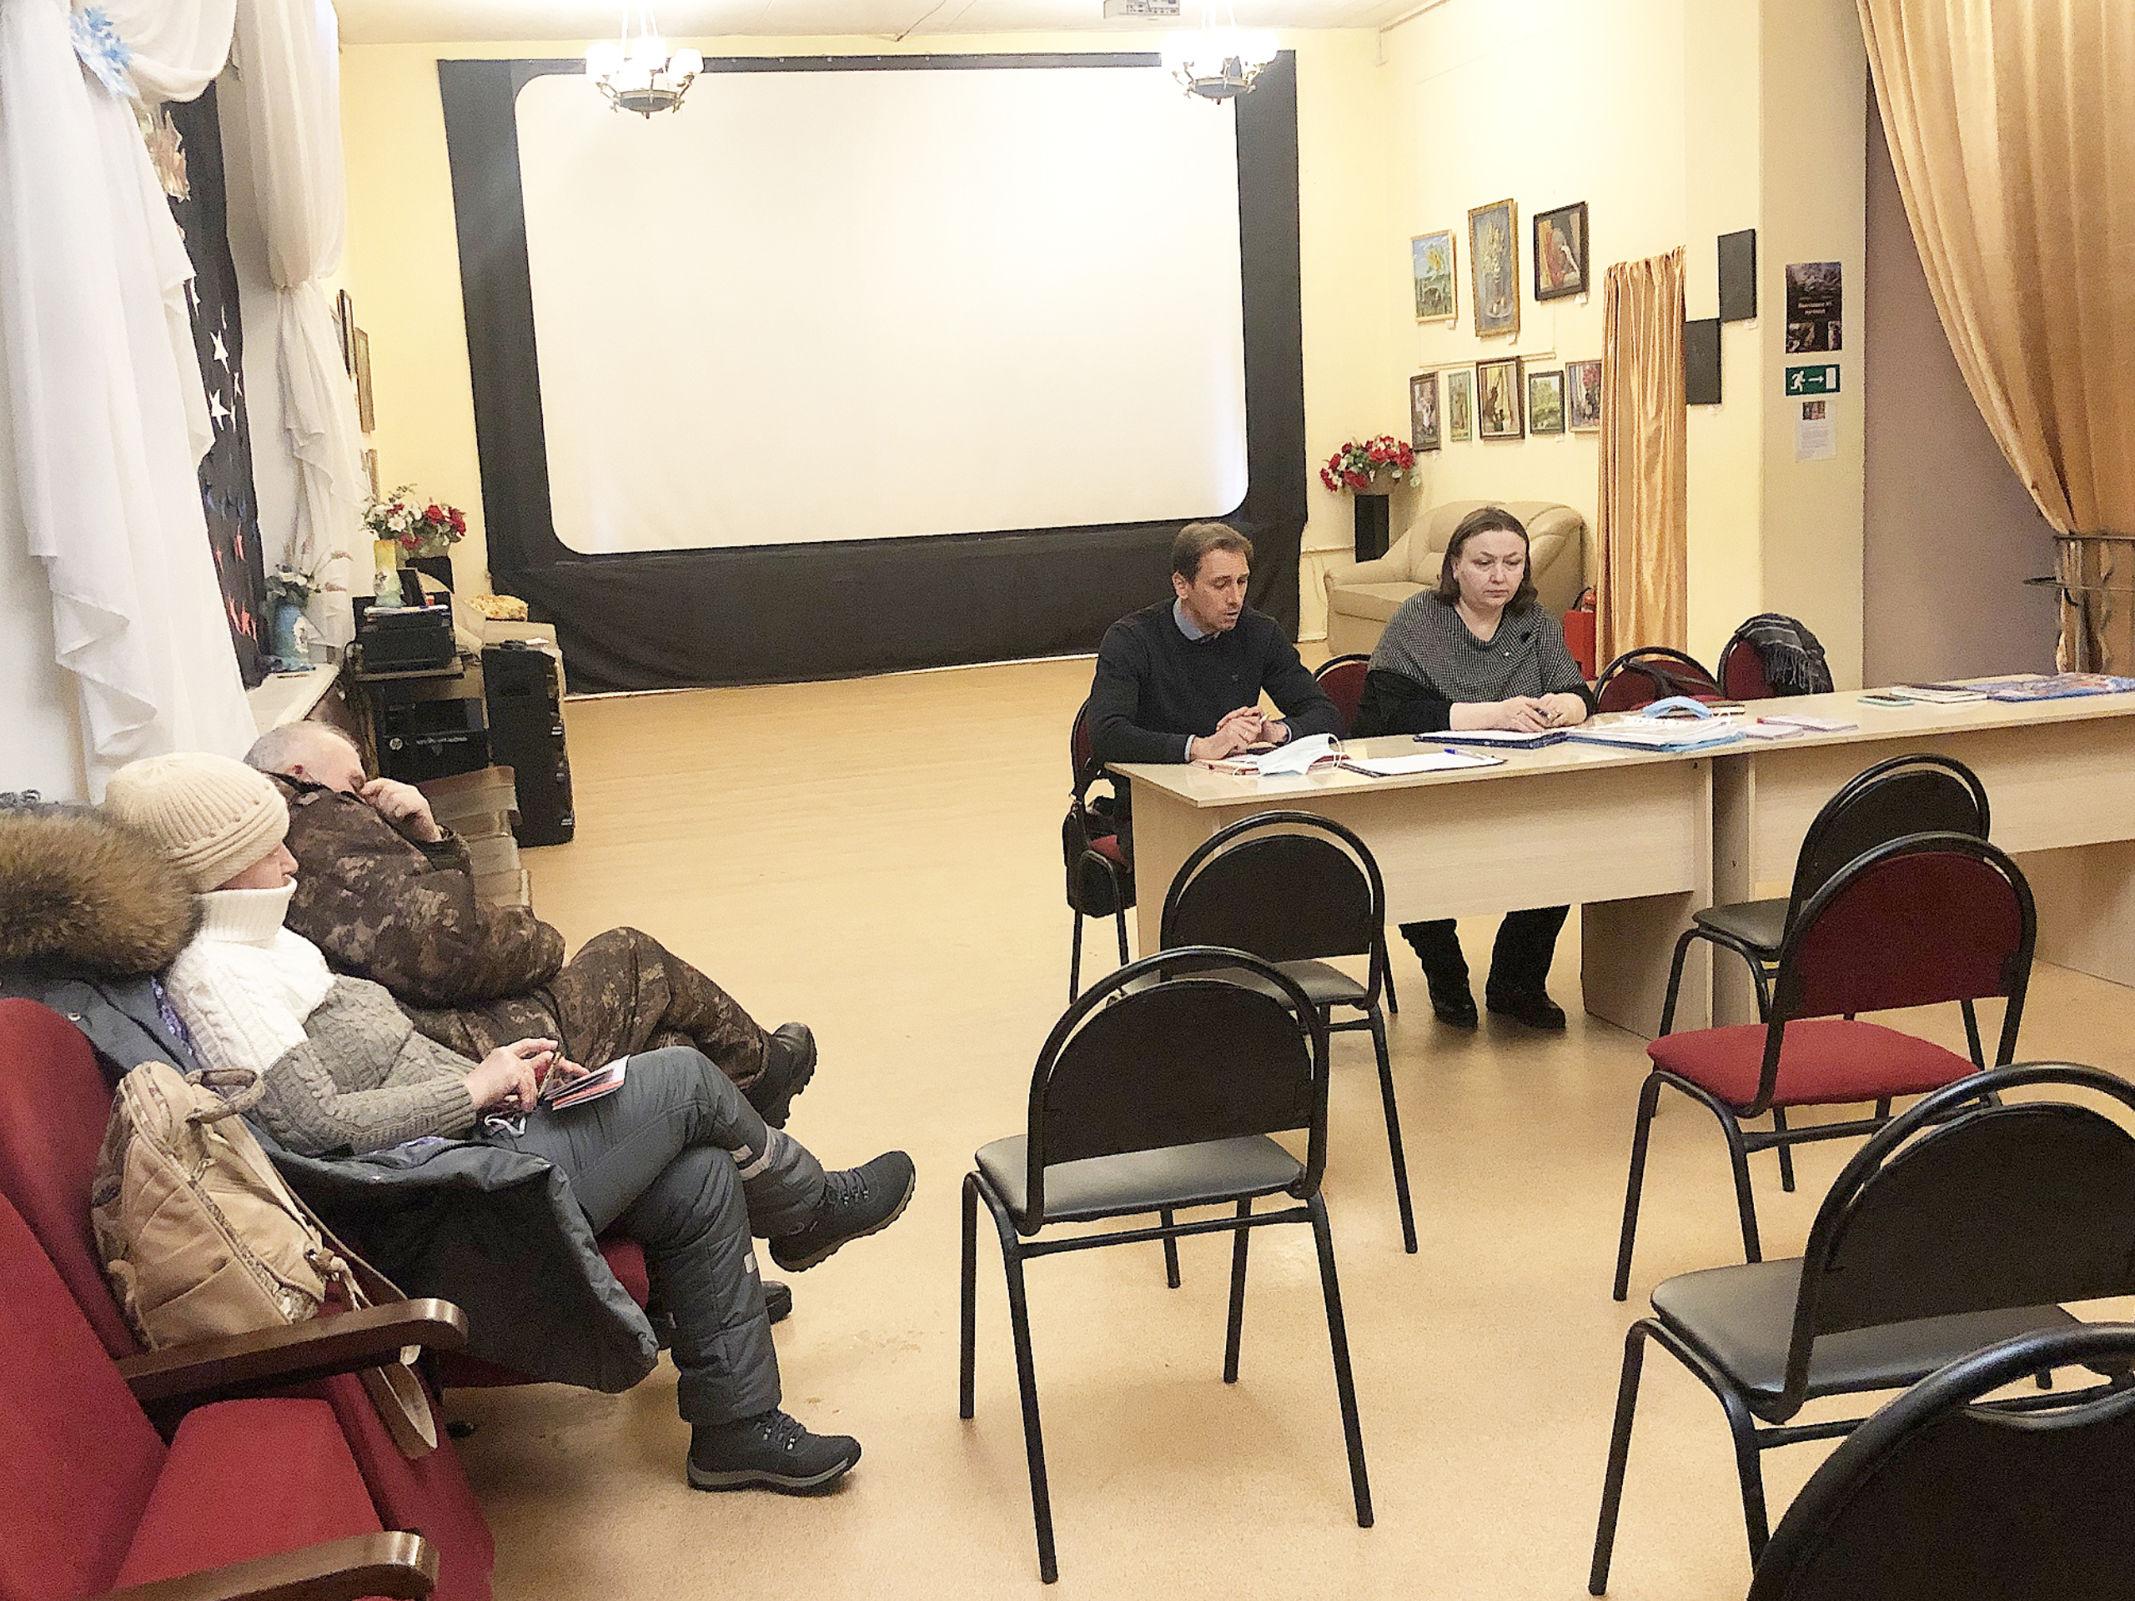 Жителям области помогают разобраться в вопросах ЖКХ в рамках губернаторского проекта «Ярославский управдом»